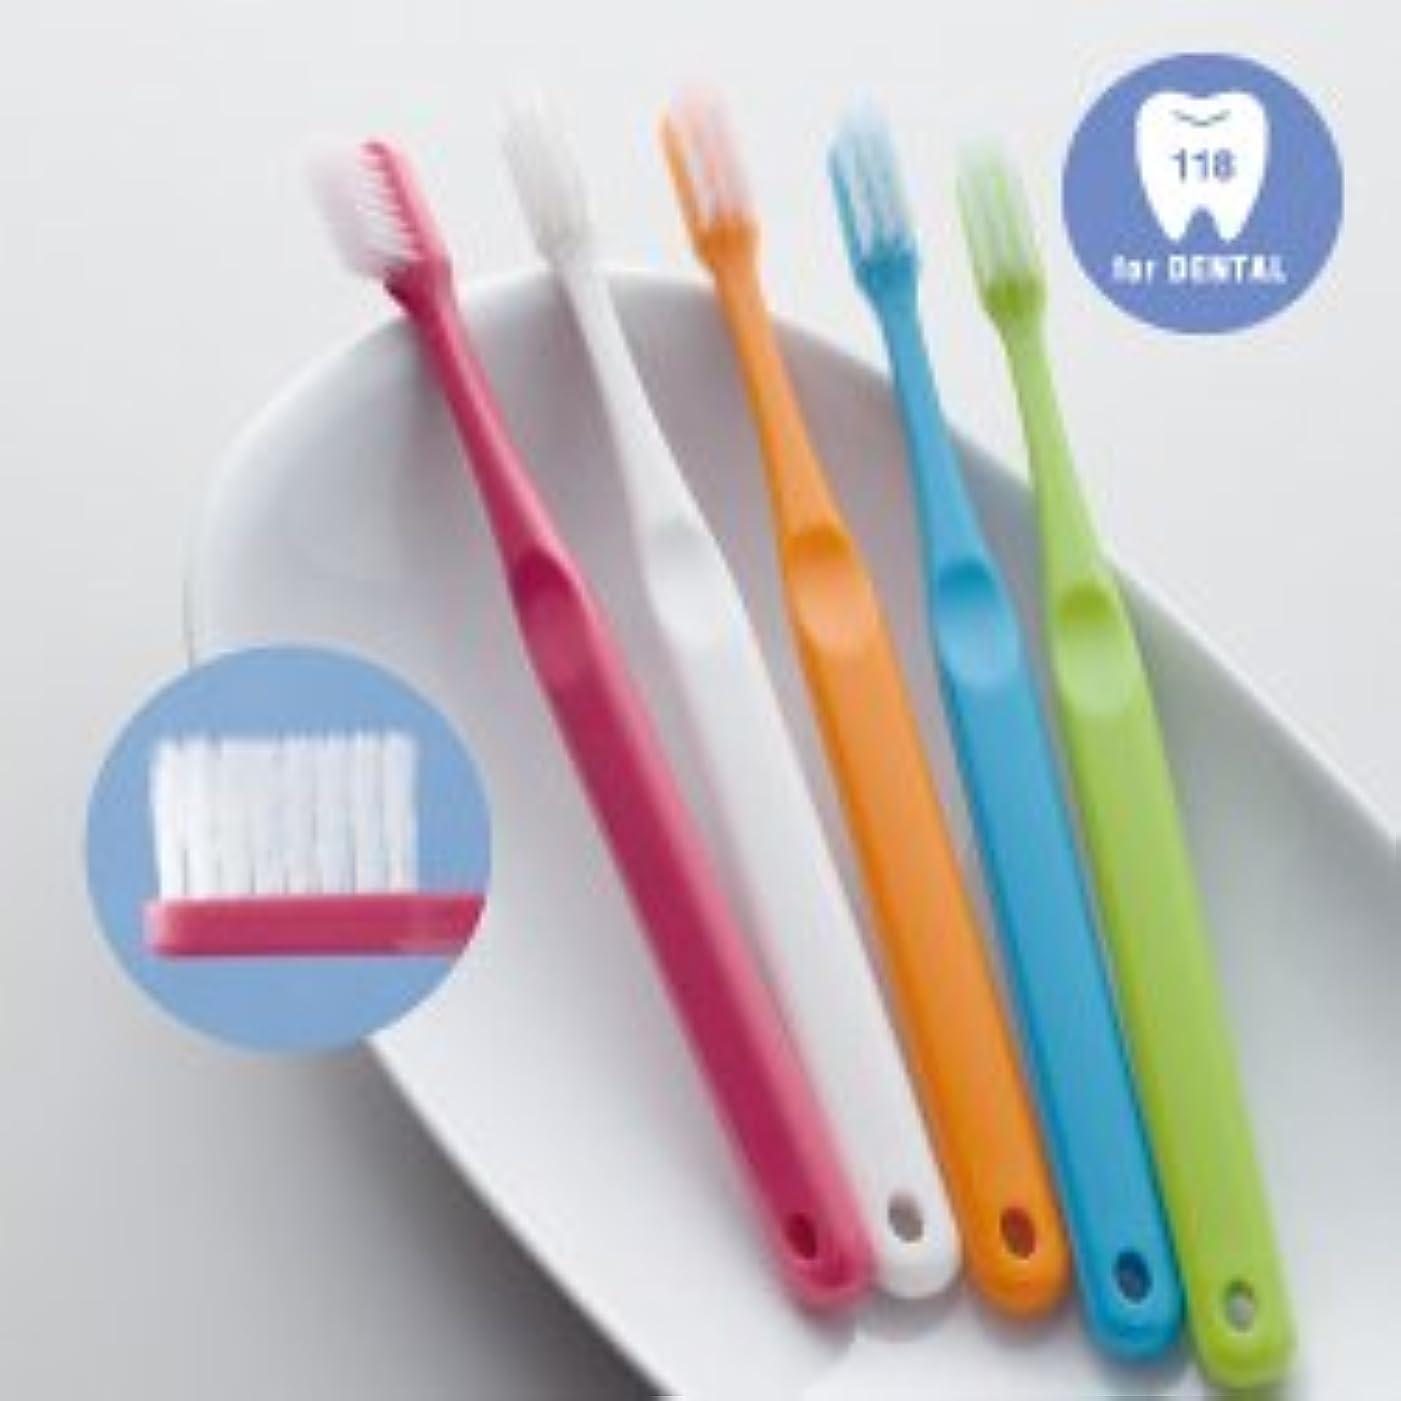 包帯矢印ガチョウ歯科専用歯ブラシ 118SERIES ZERO 超先細 ふつう 25本